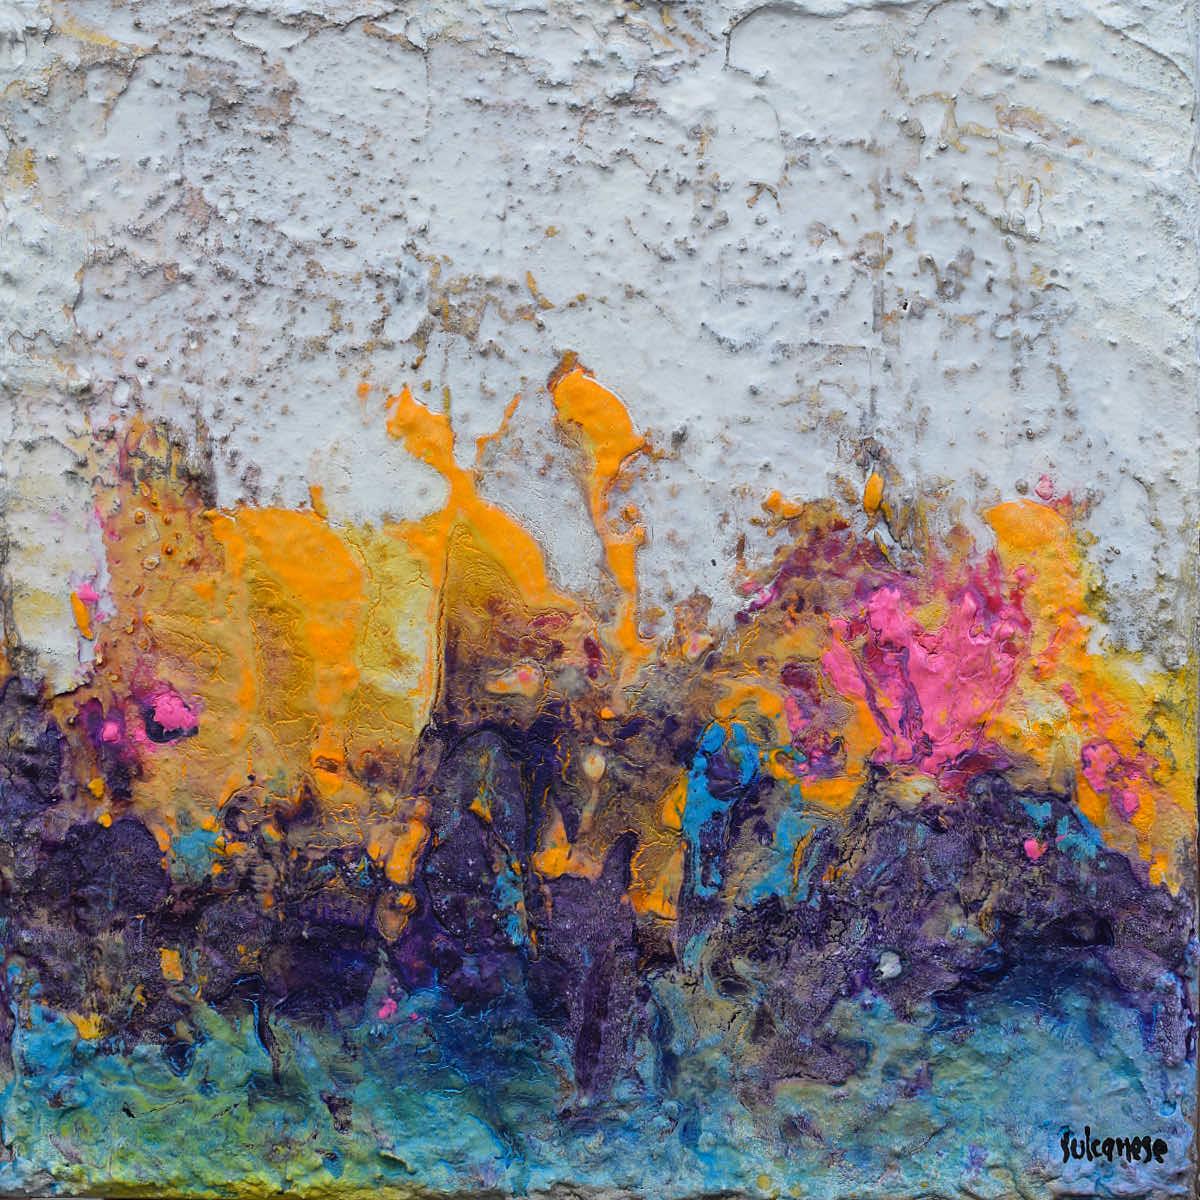 Ciclo Piccoli Universi: Il giardino delle fate, 2020, tecnica mista su tela, cm. 30x30x7